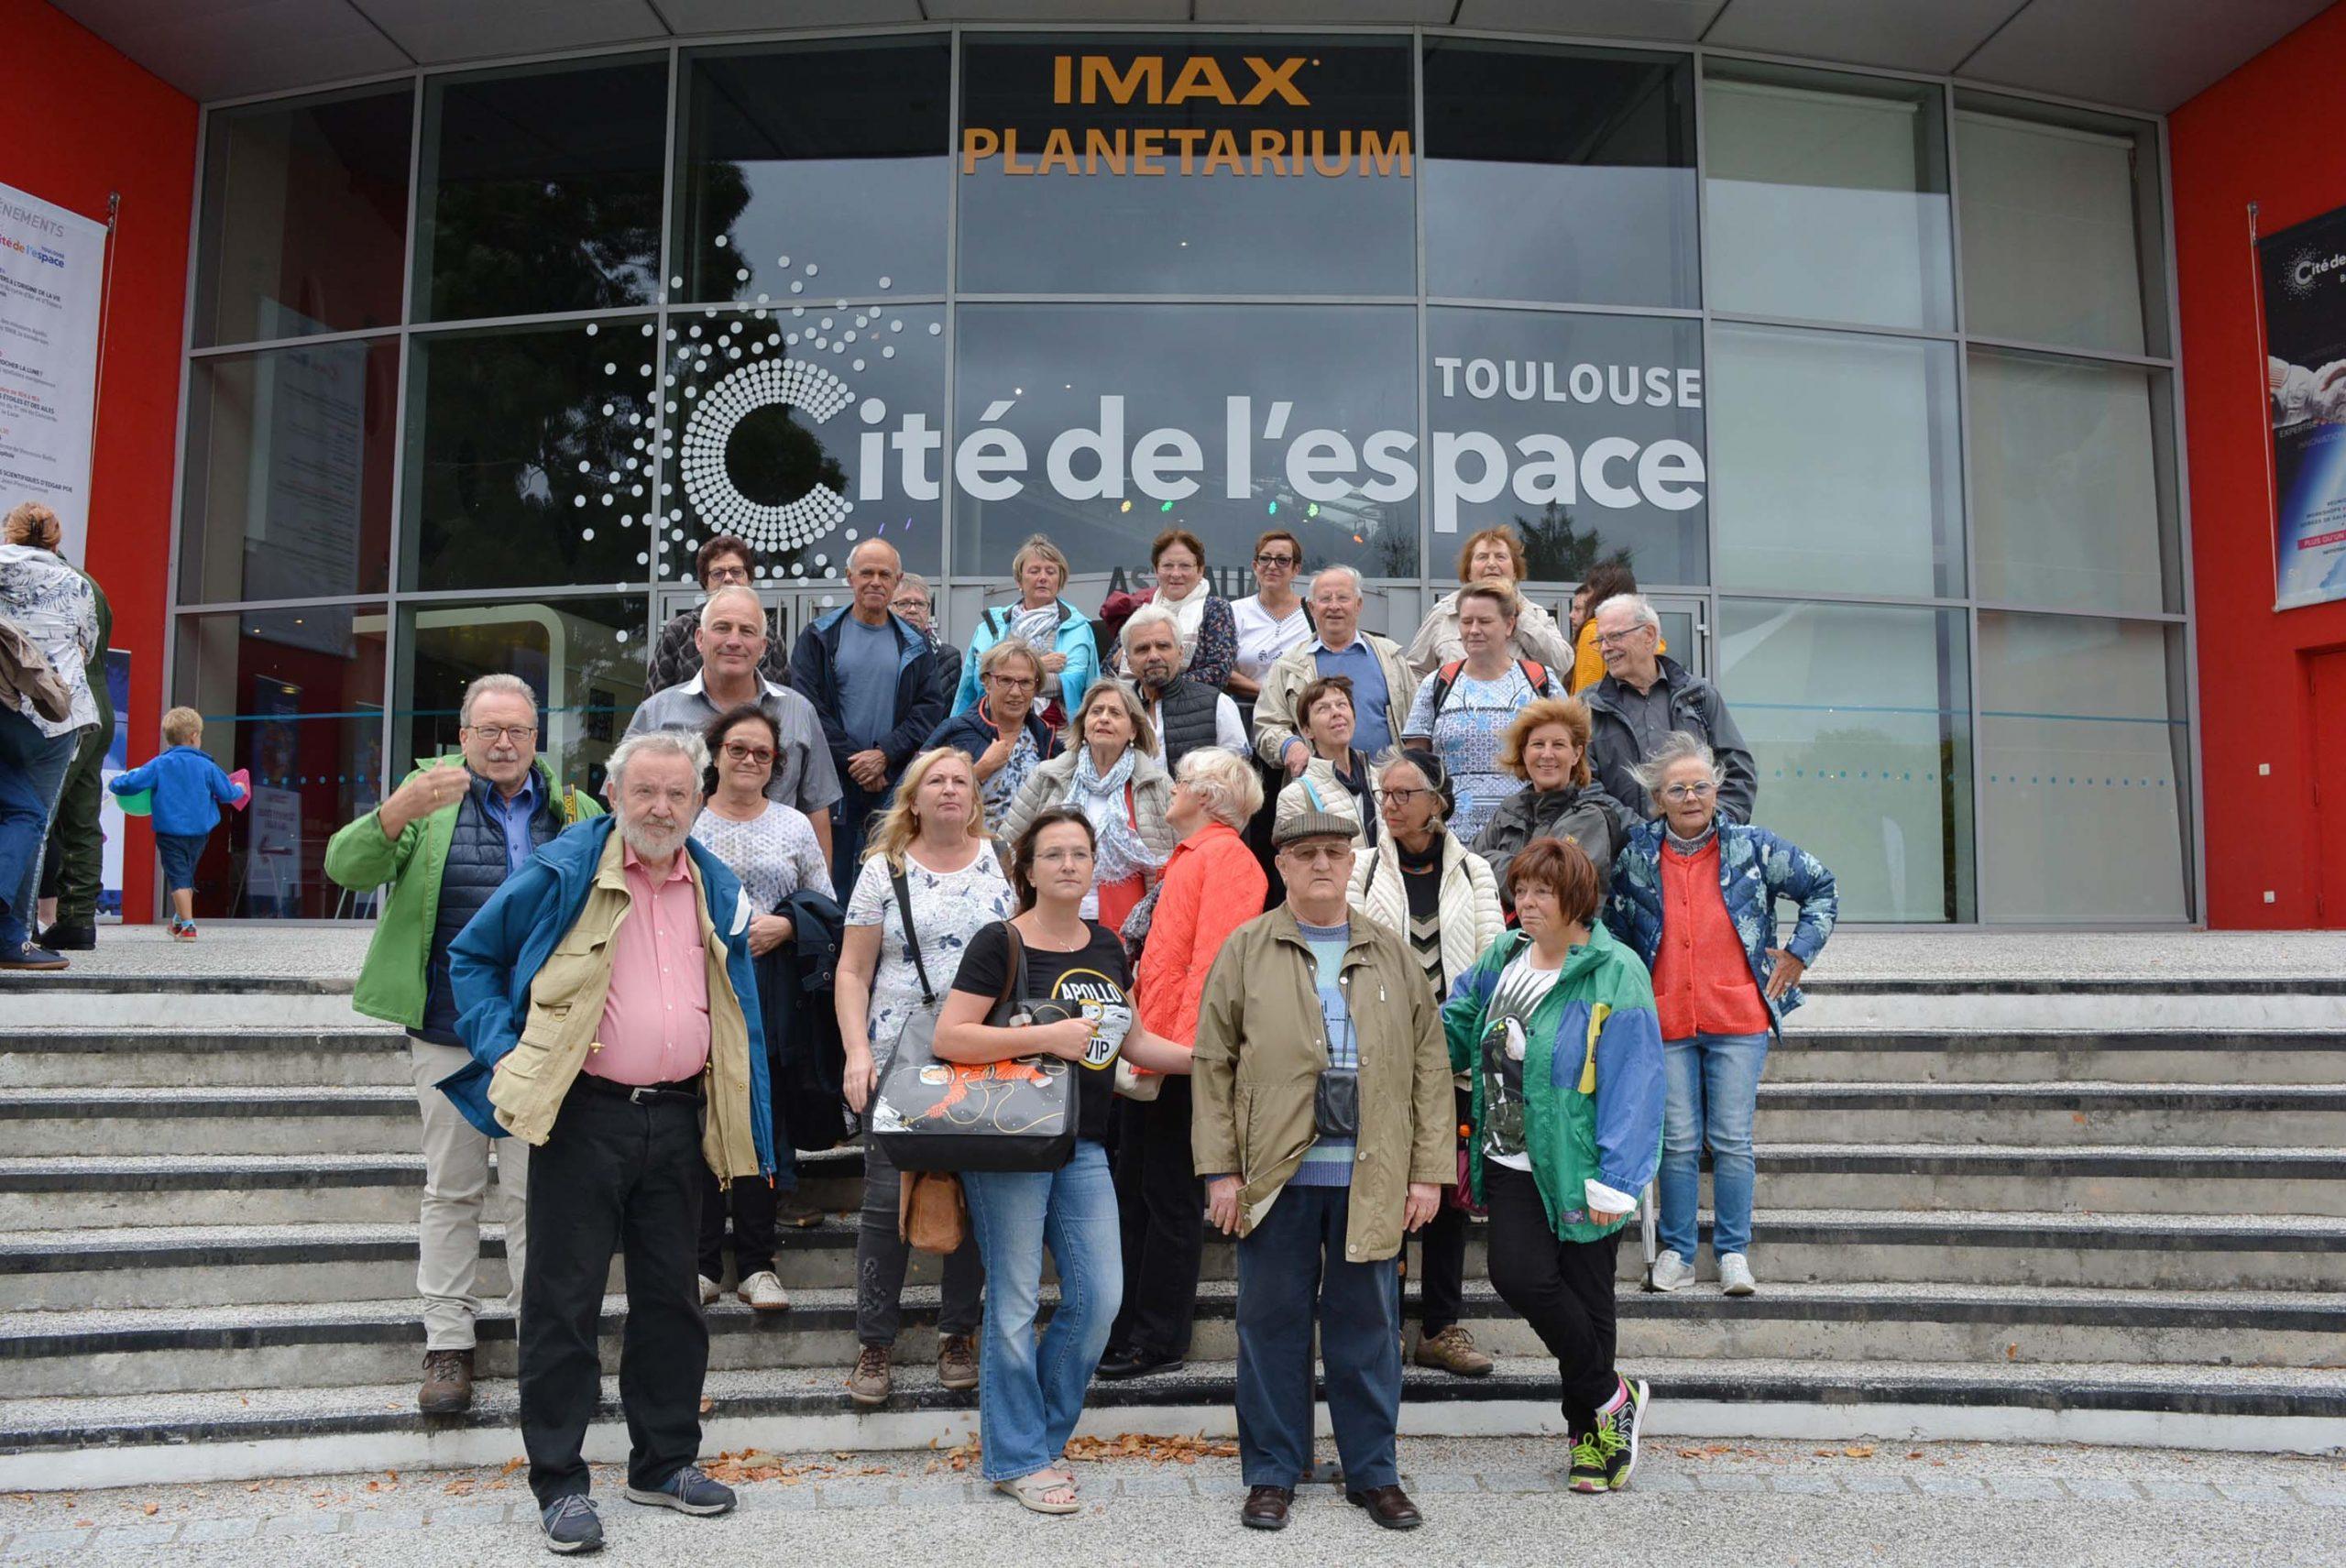 Le groupe franco-allemand a visité la cité de l'espace de Toulouse